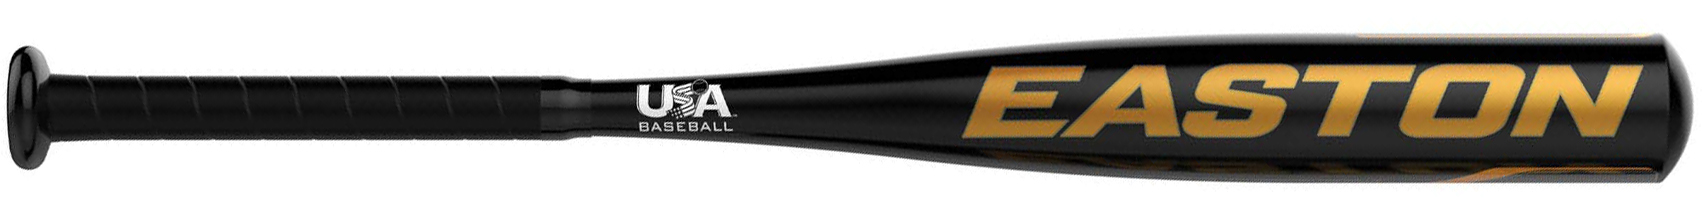 EASTON Beast -10 Kids Tee Ball Baseball Bat for